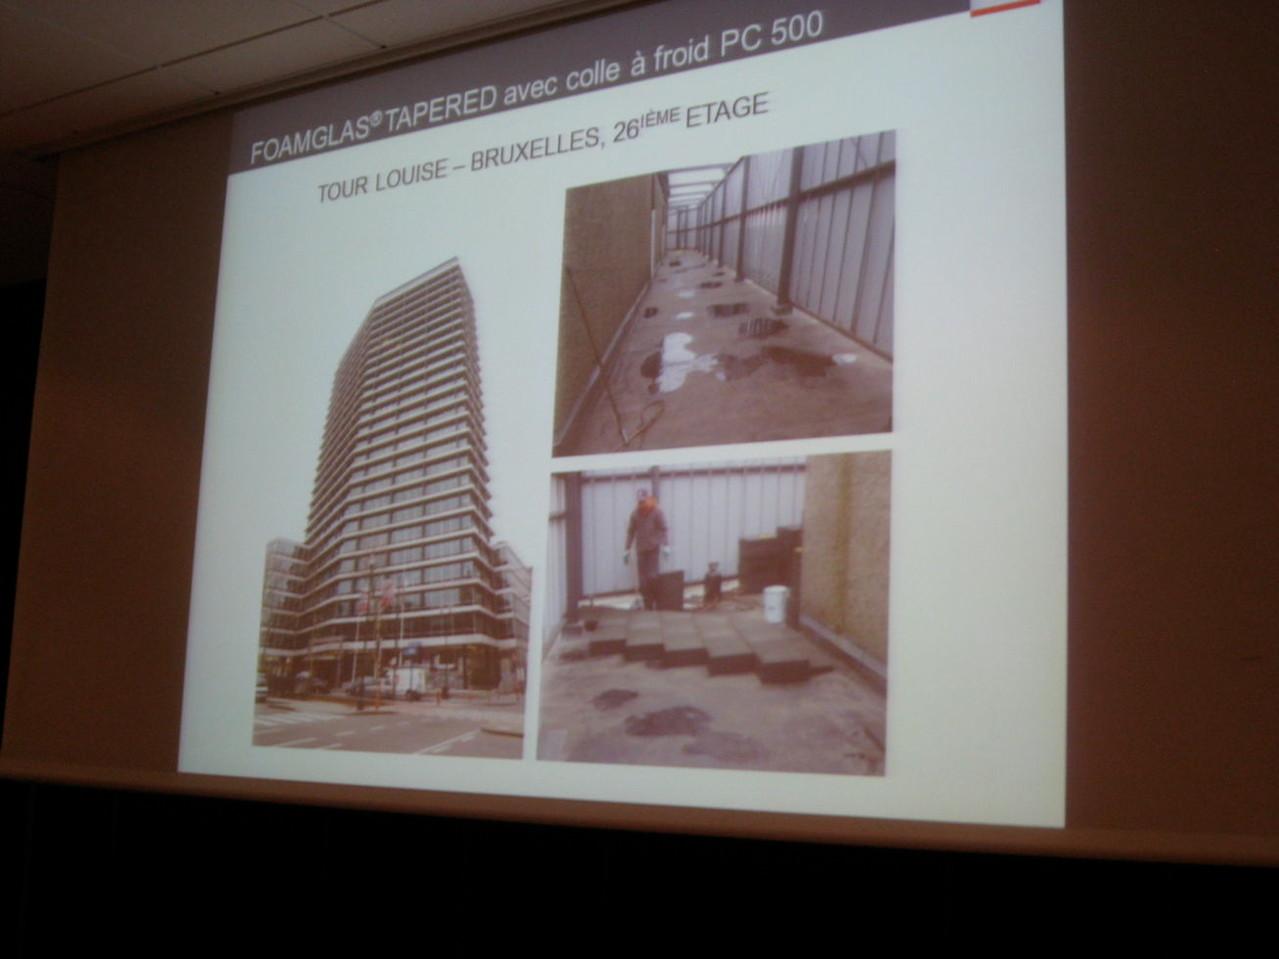 Rénovation de la Tour Louise à Bruxelles : état existant